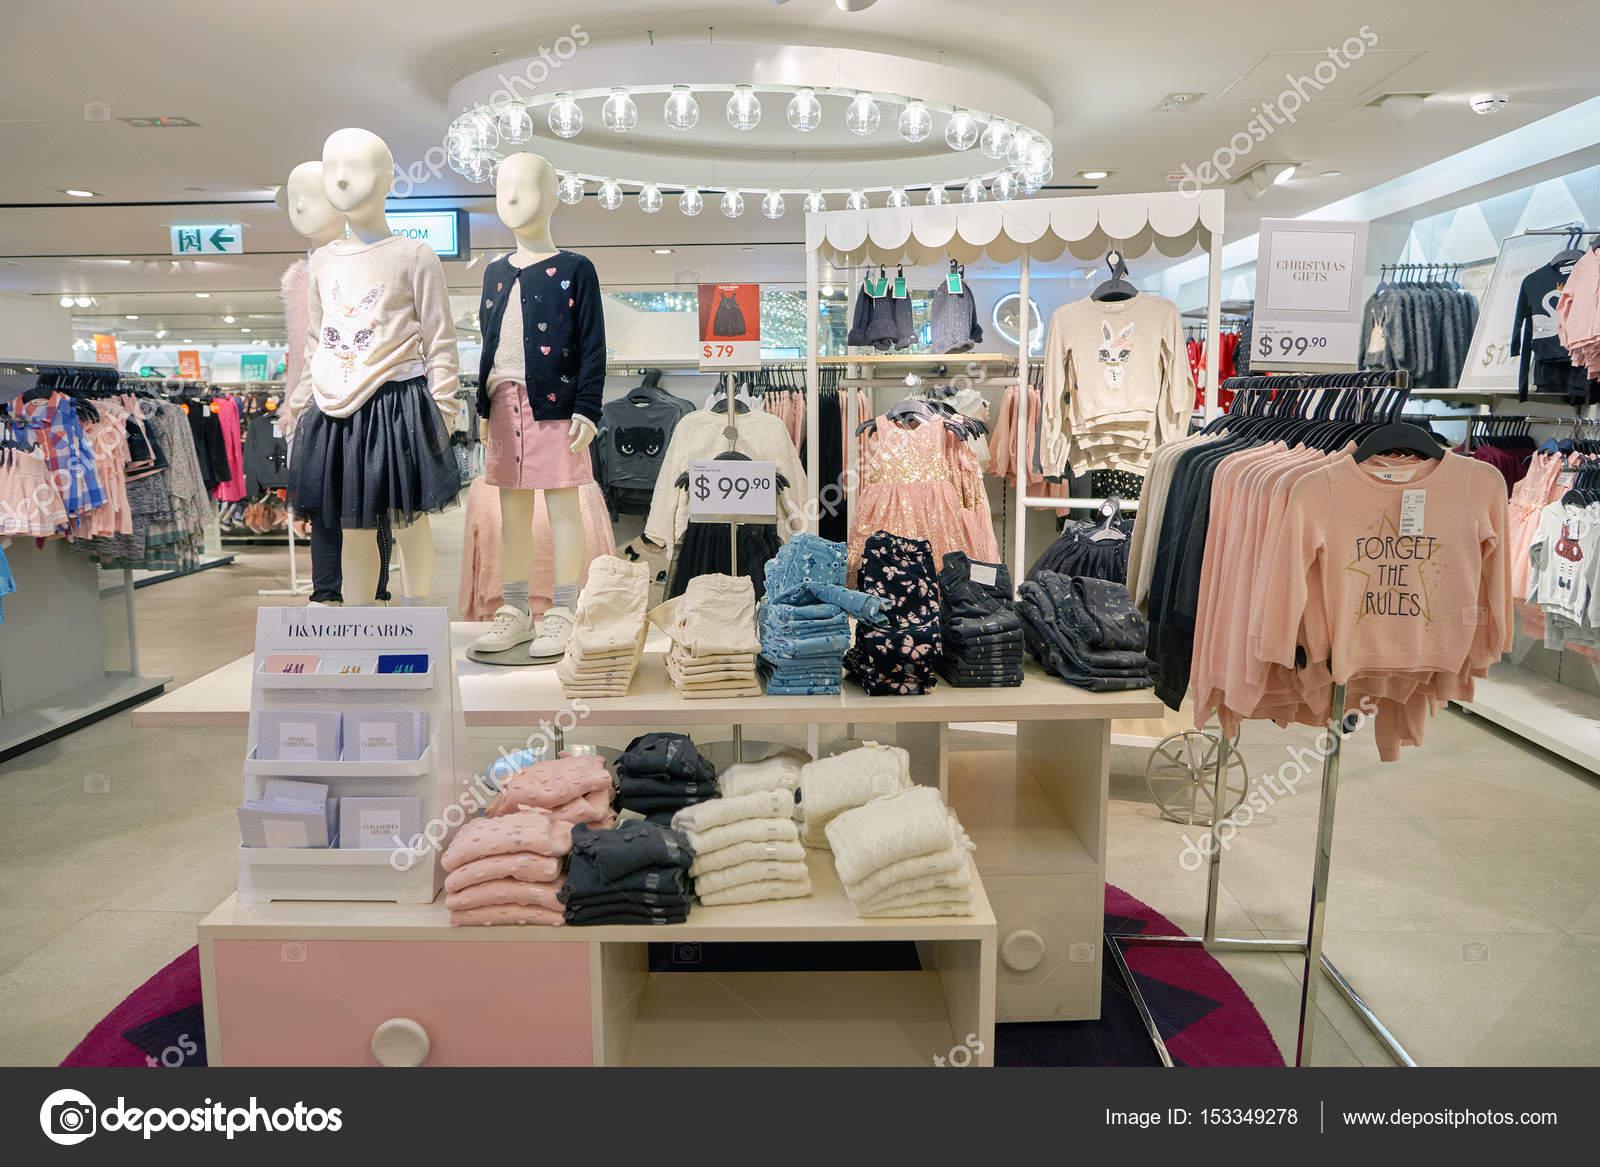 tienda h&m ropa de bebe